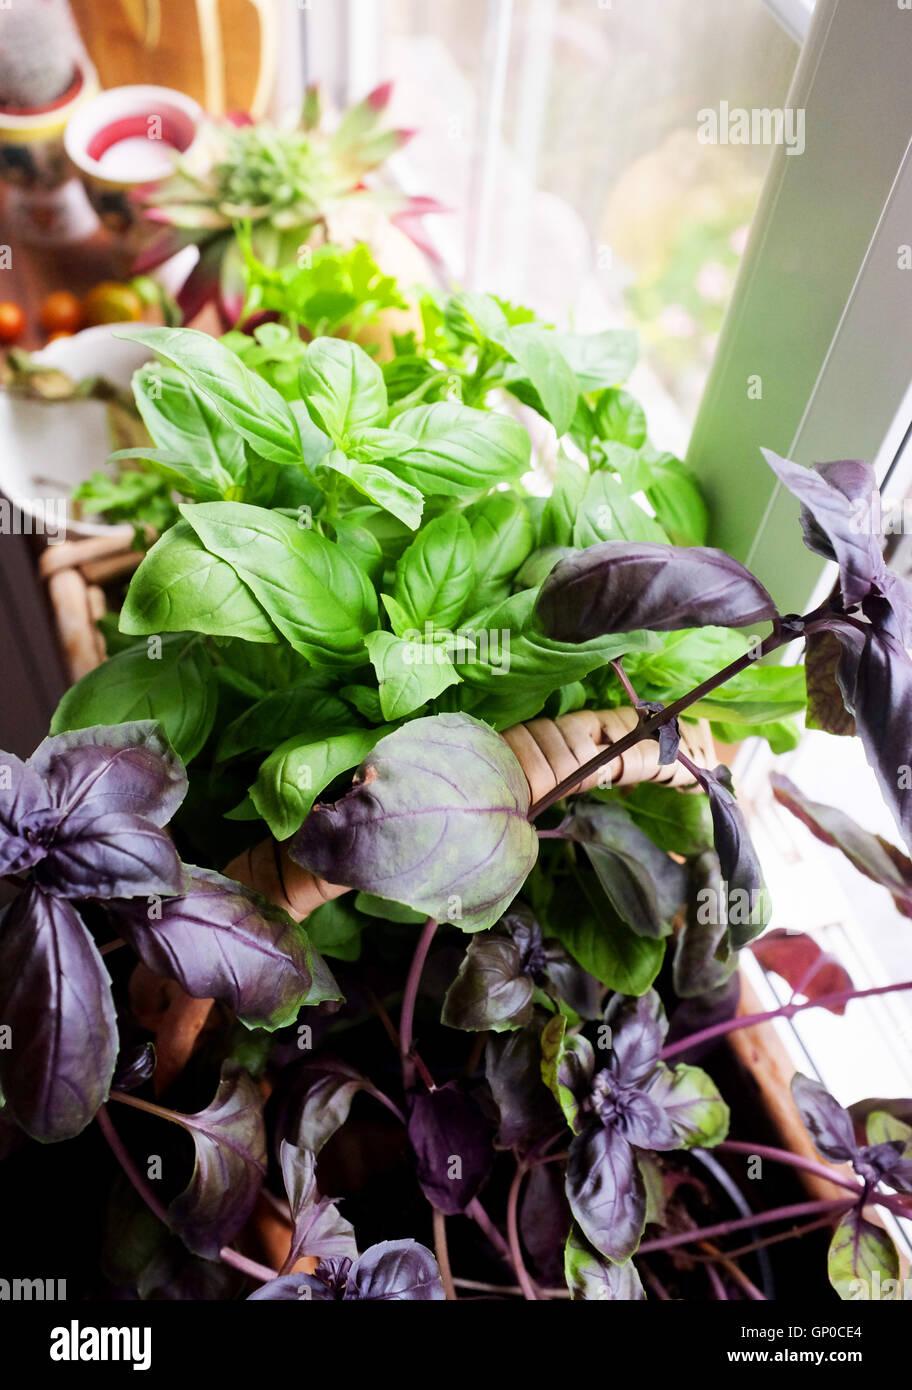 Grün und lila Basilikum-Kräuter-Anbau in Töpfen auf der ...